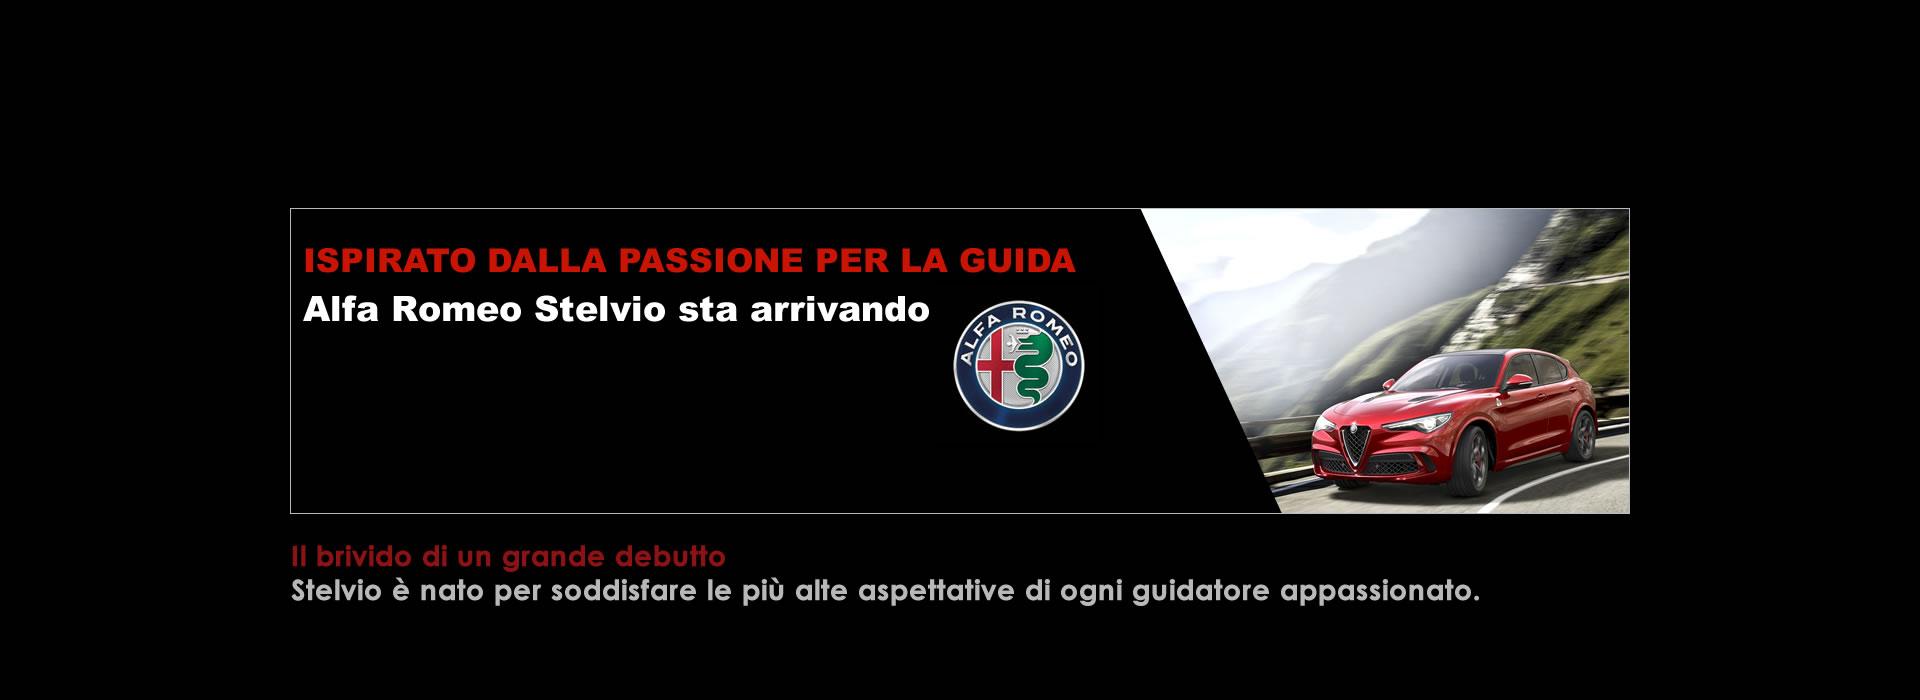 Presentazione_Alfa_Romeo_Stelvio-1